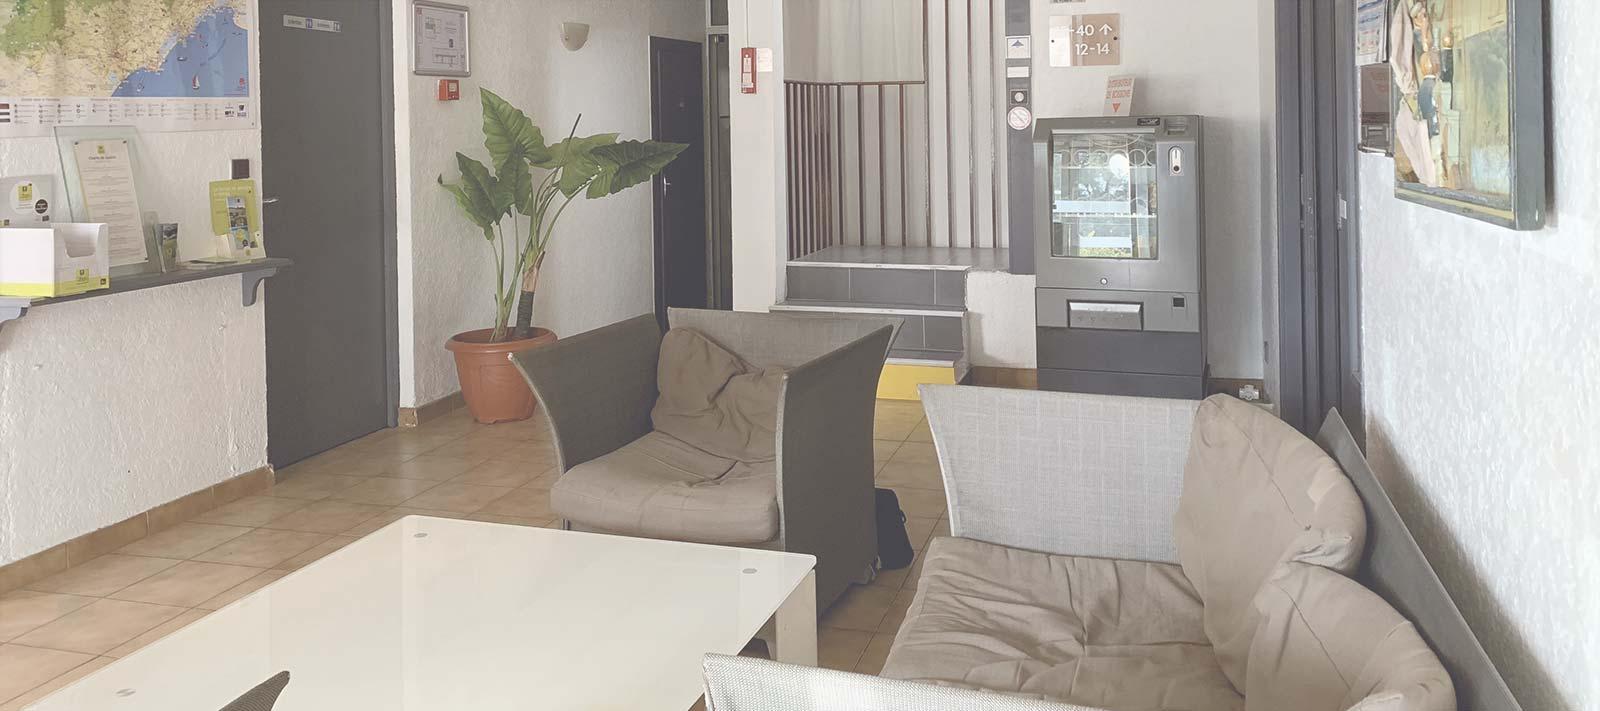 l'Hôtel Le Relais de Fabrègues accueille une clientèle touristique